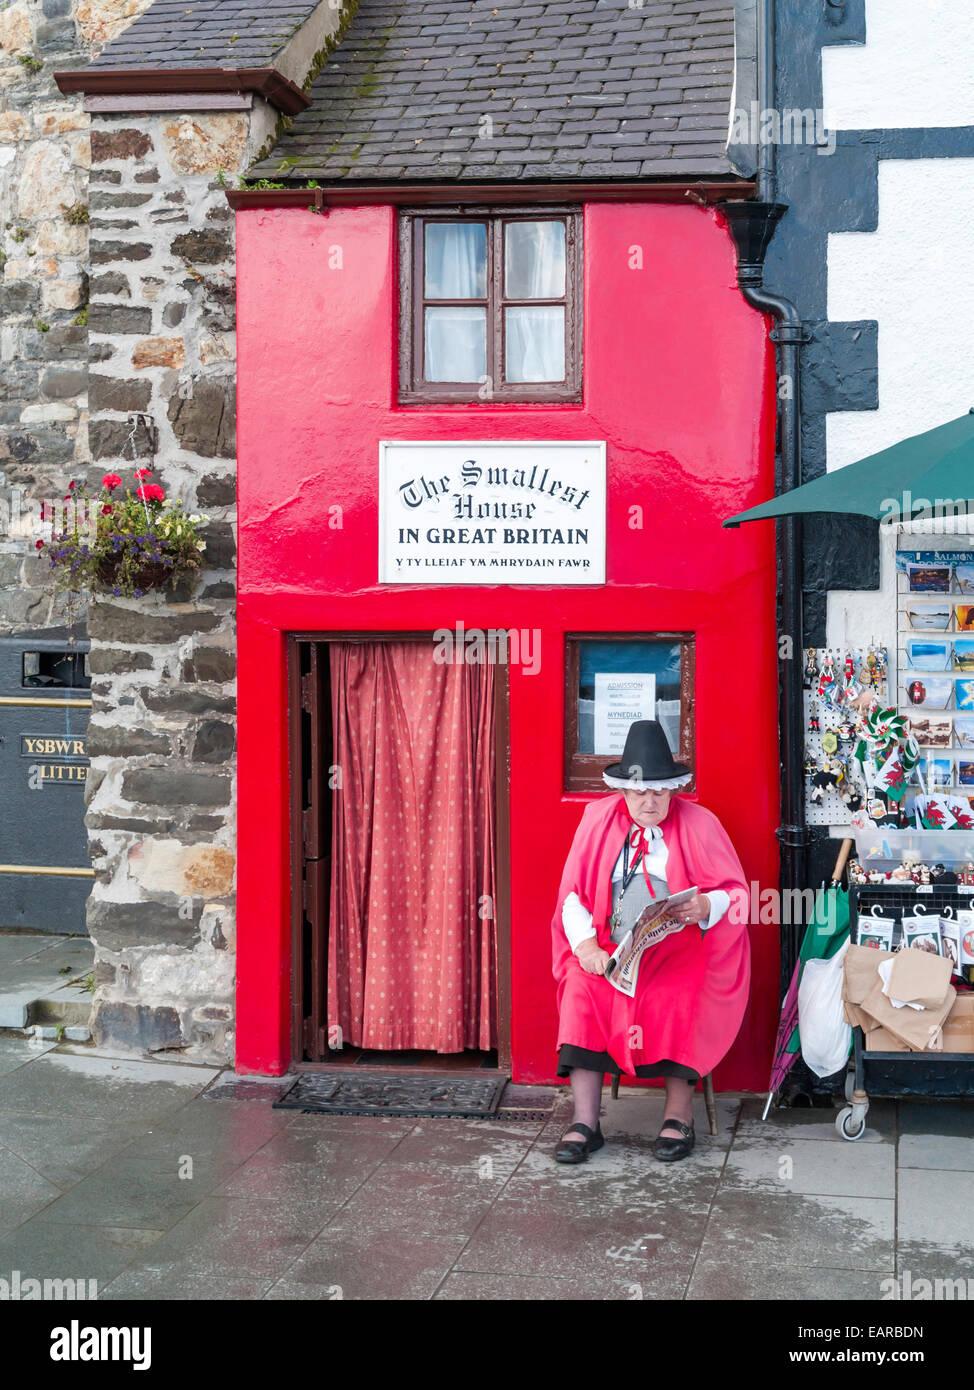 Welsh Dress Imágenes De Stock & Welsh Dress Fotos De Stock - Alamy